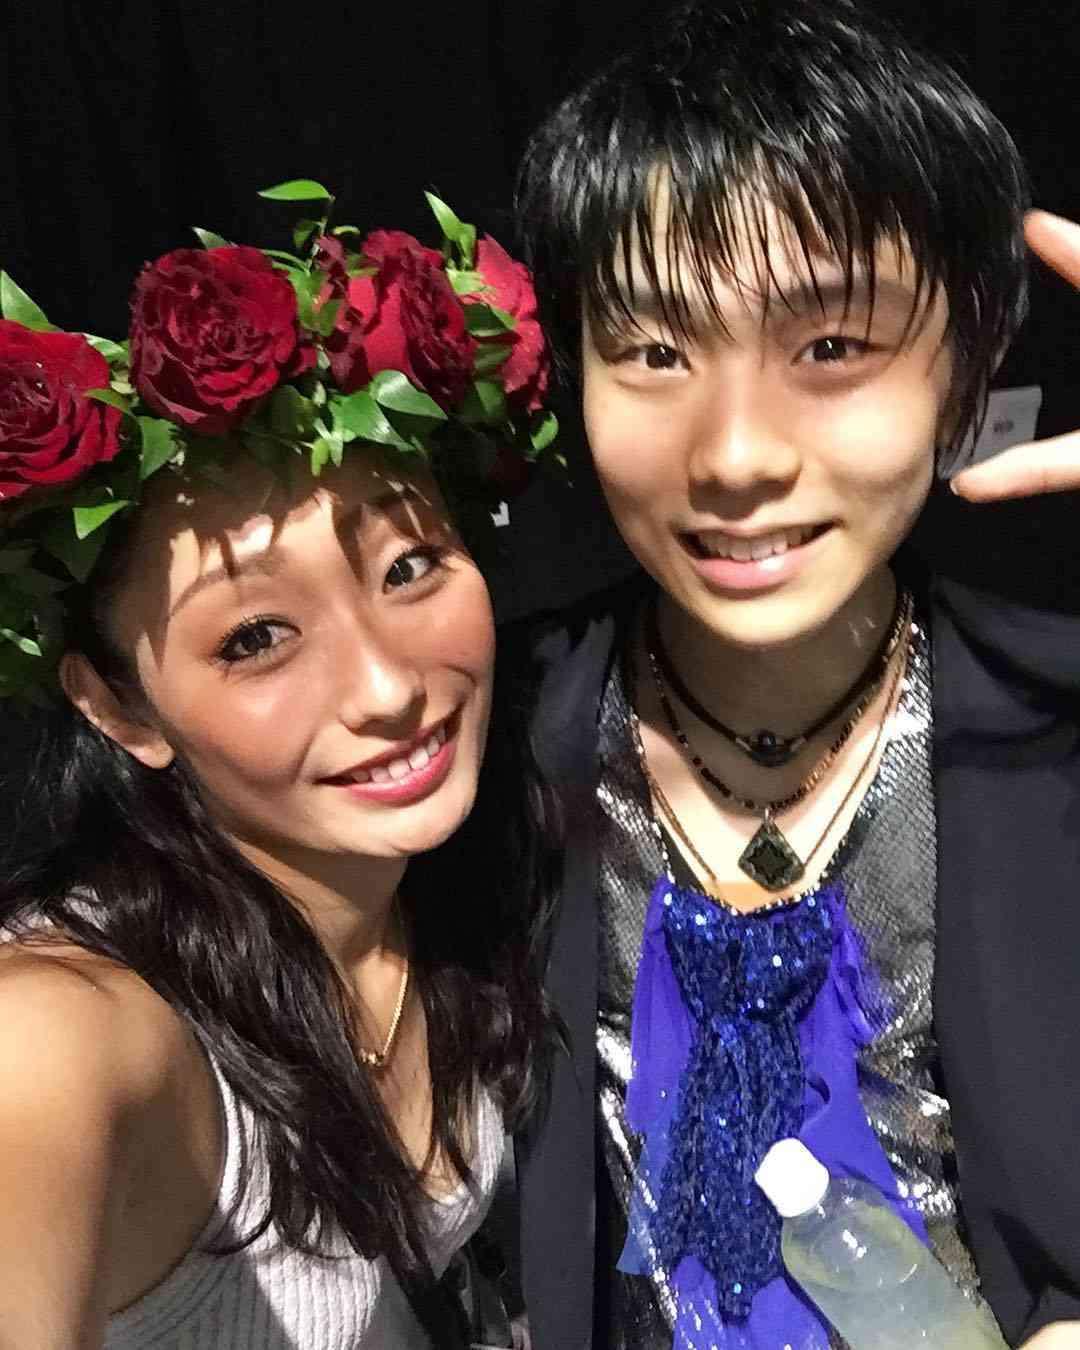 安藤美姫、羽生結弦との仲良し2ショットに反響 「姉弟みたい」「美男美女」